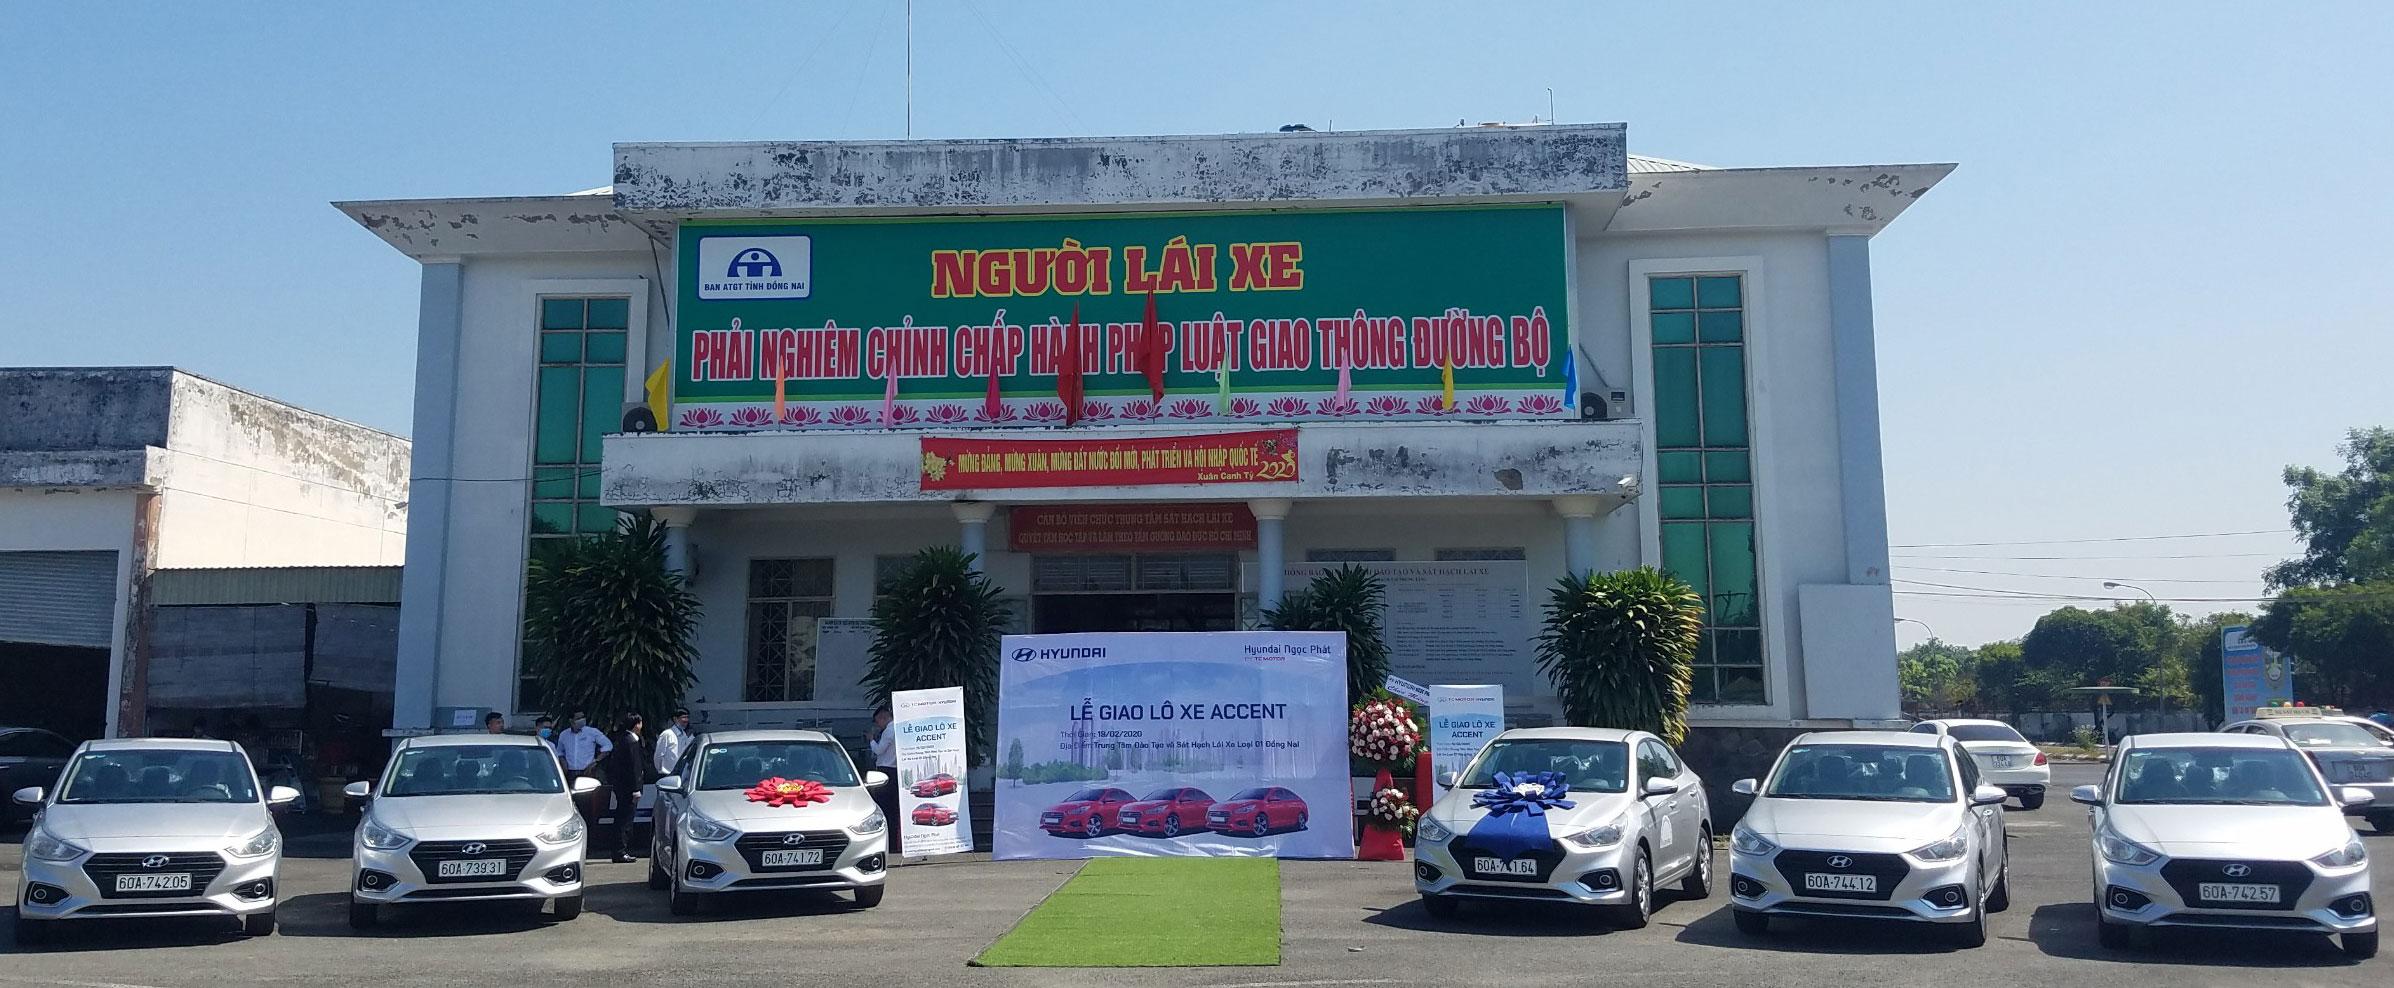 Lễ giao lô xe Accent tại Trung Tâm Đào Tạo Và Sát Hạch Lái Xe Loại I Đồng Nai